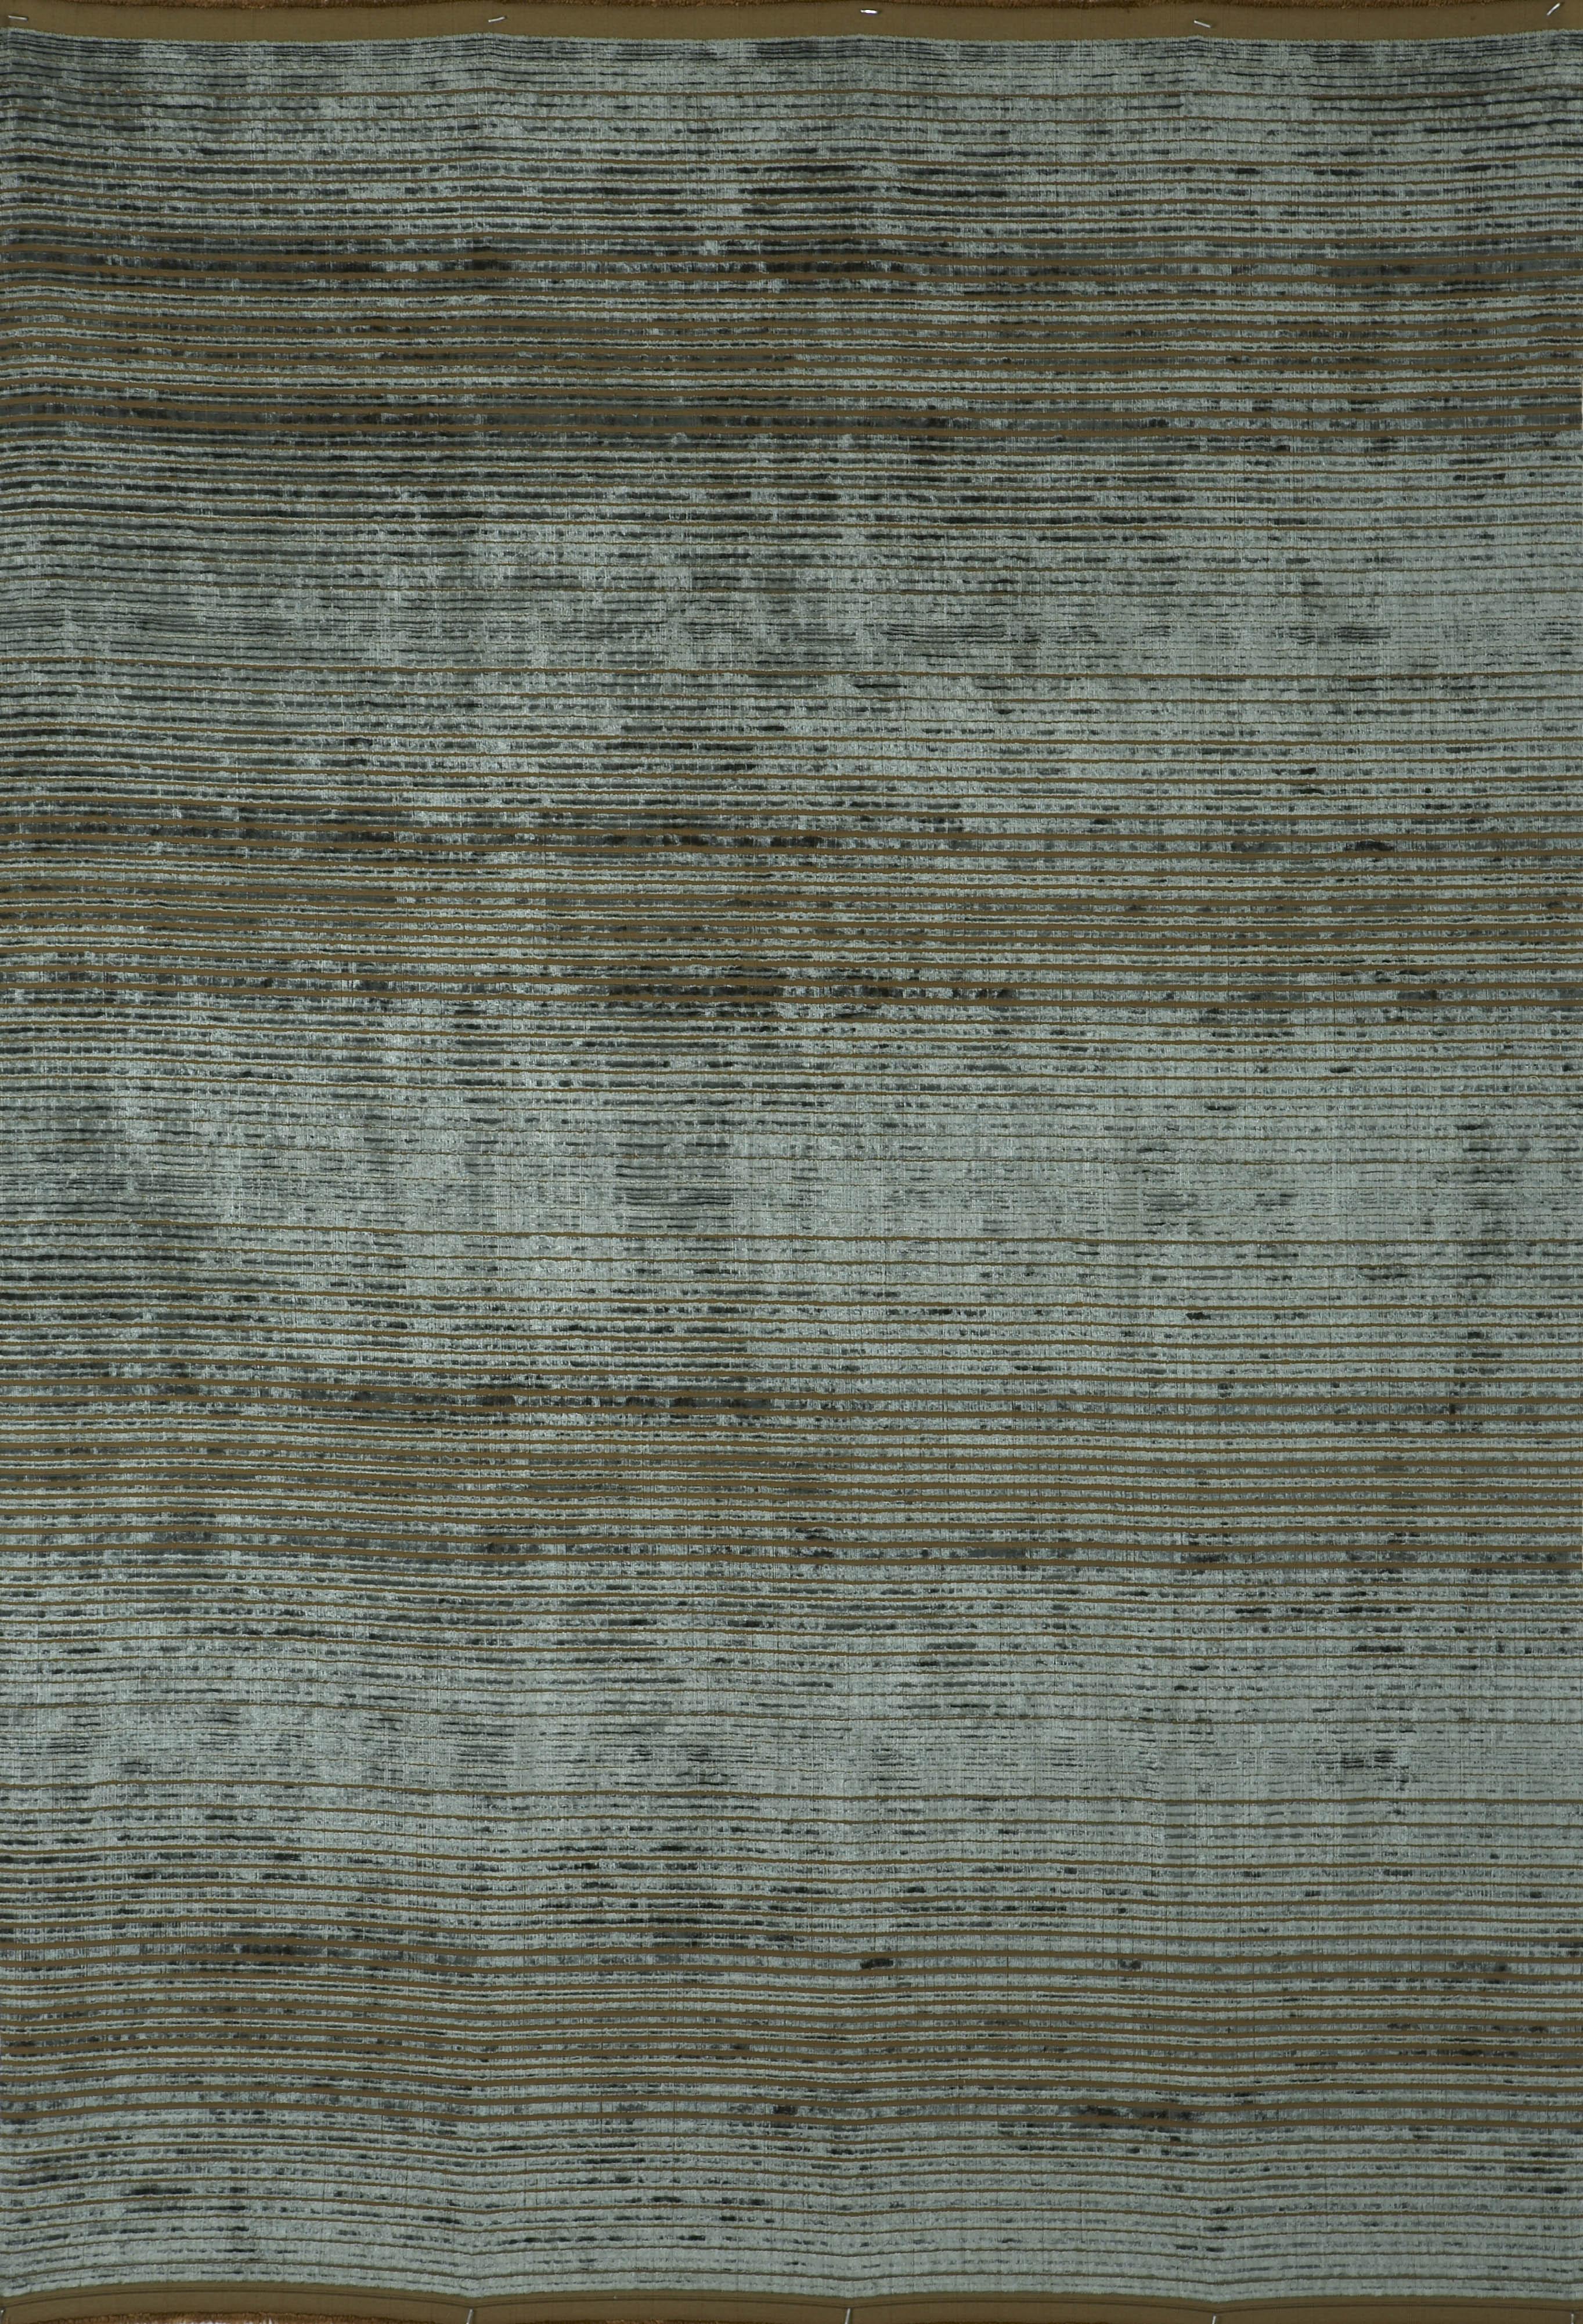 P861 Strata Stripe Silver Birch